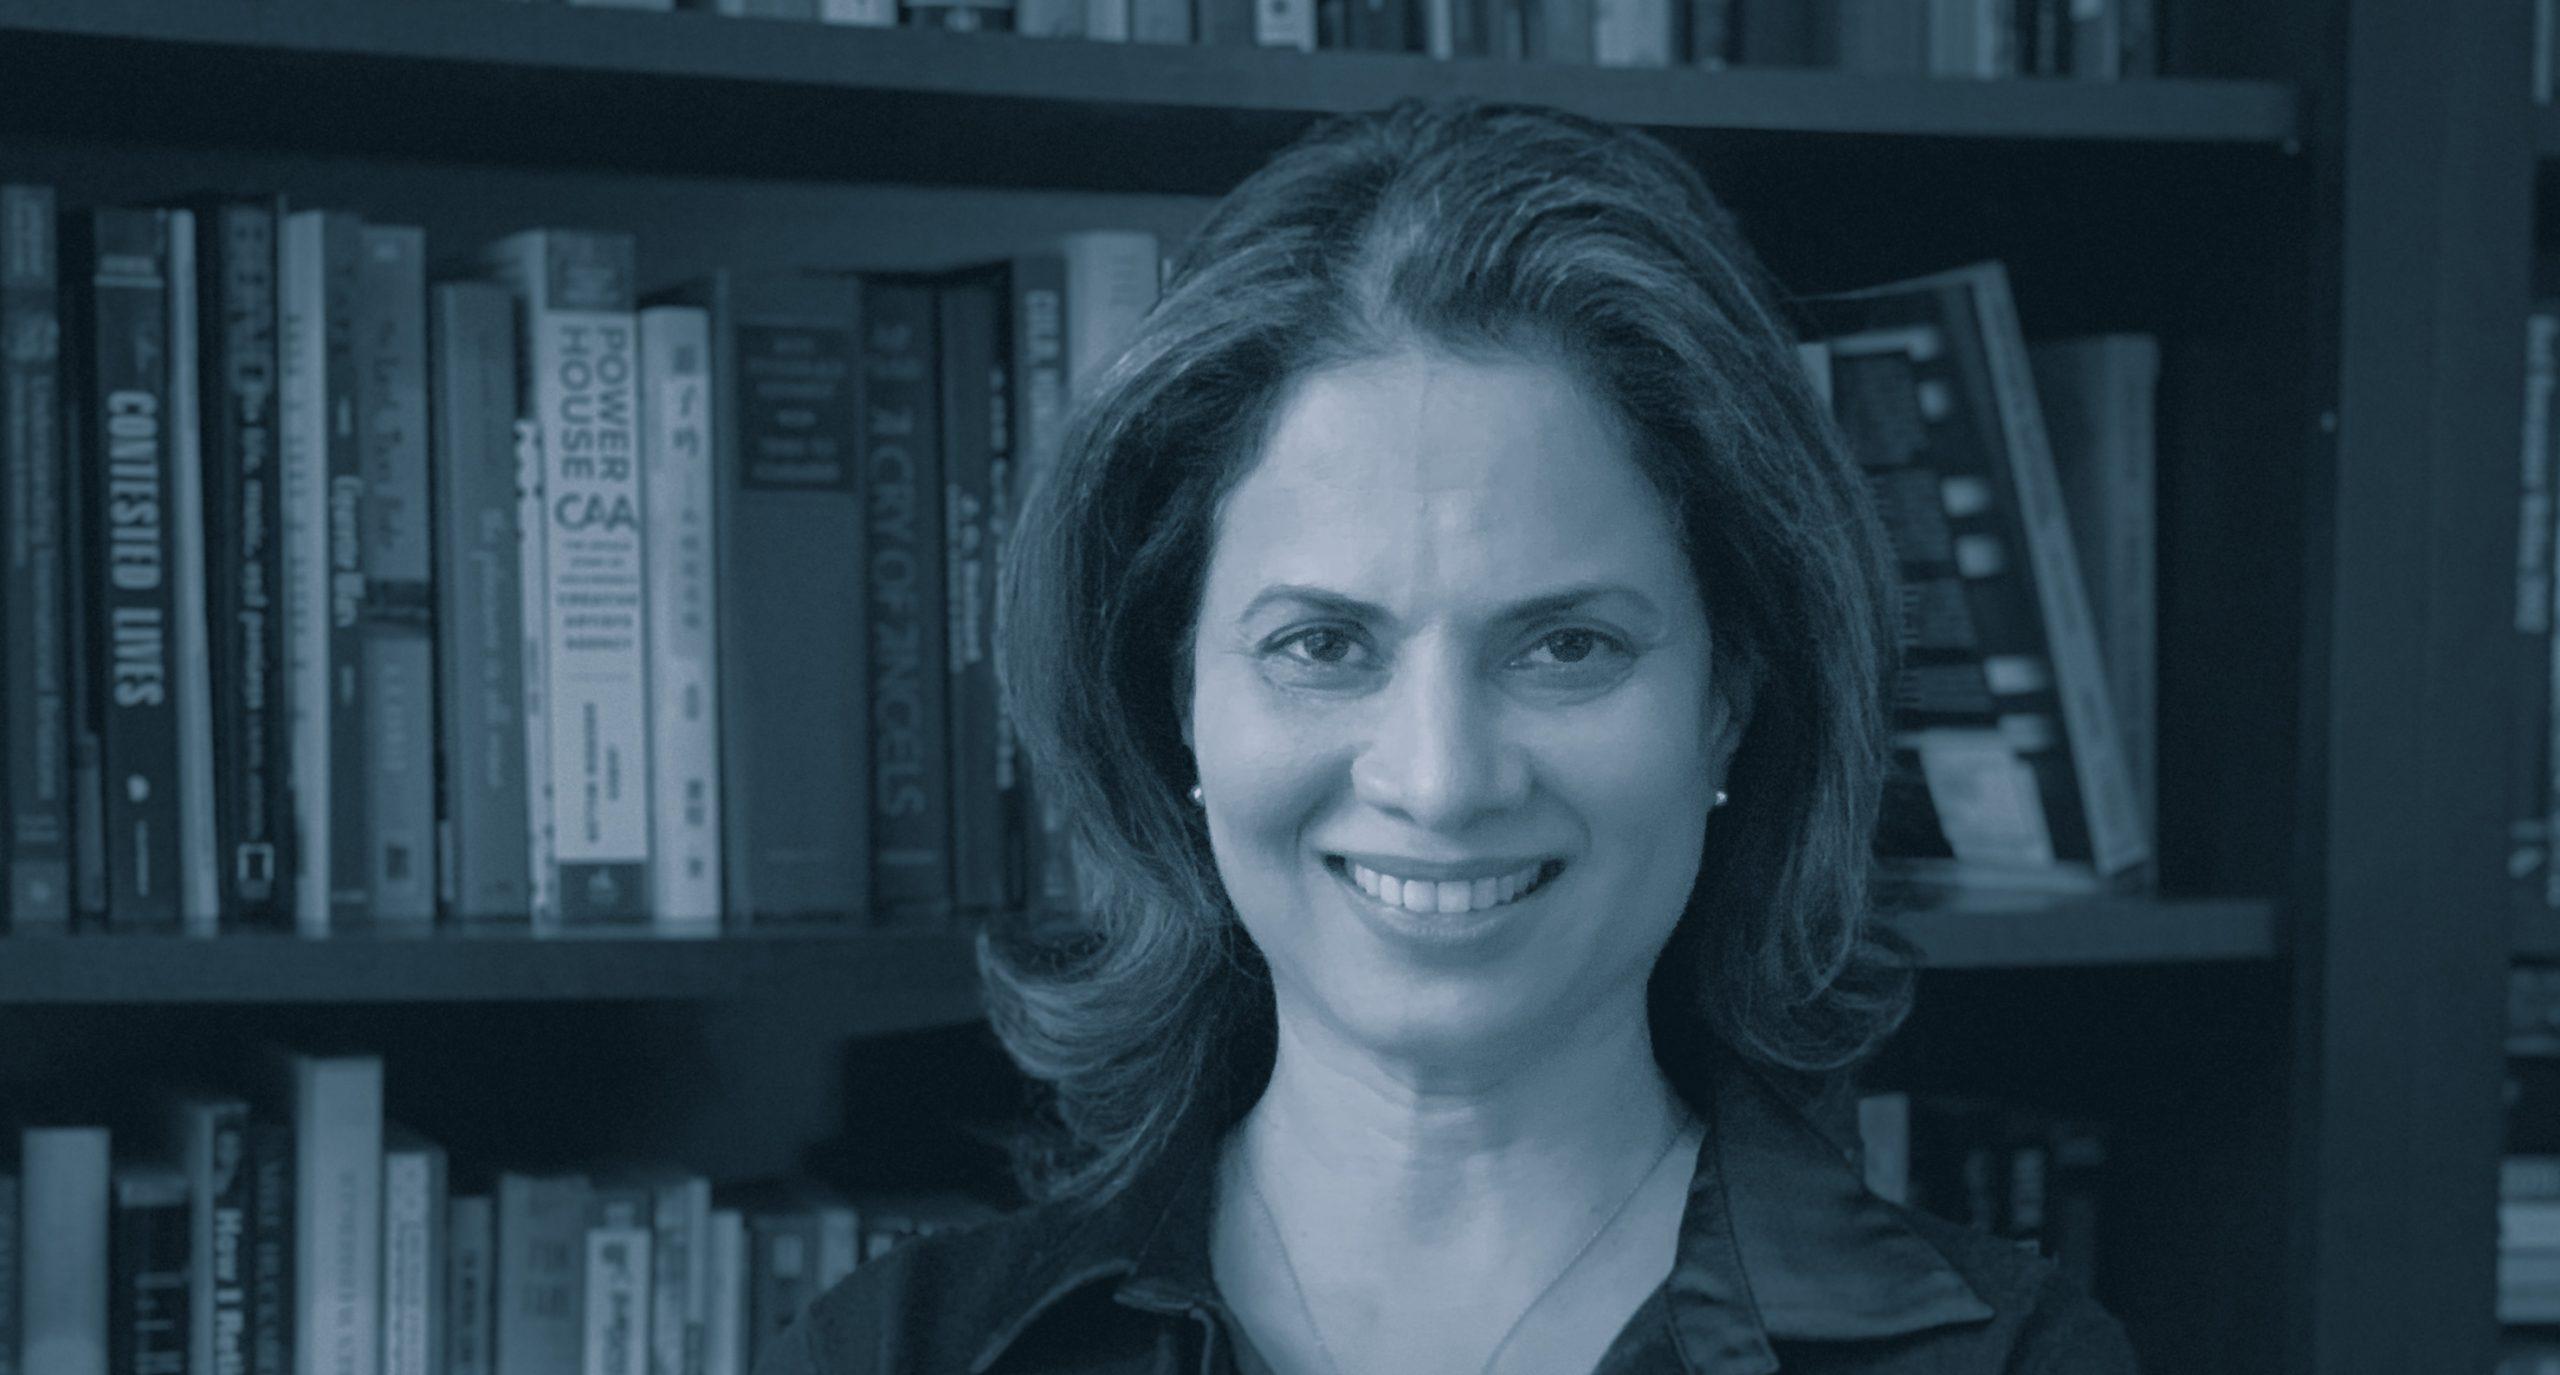 Sheela Illuri